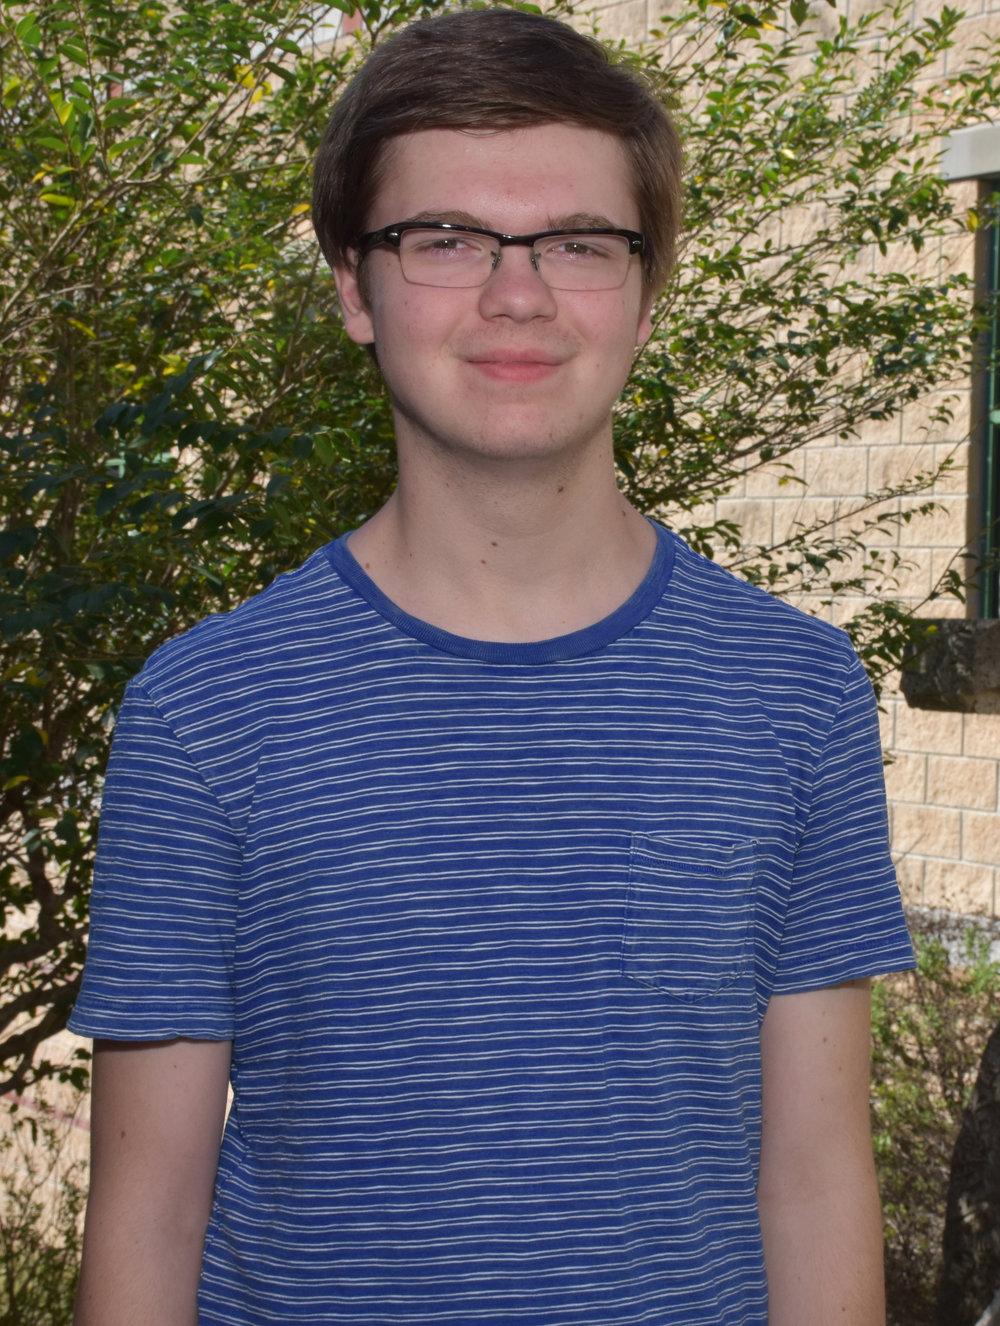 Spencer Buckner,   LTHS Class of 2017 Salutatorian